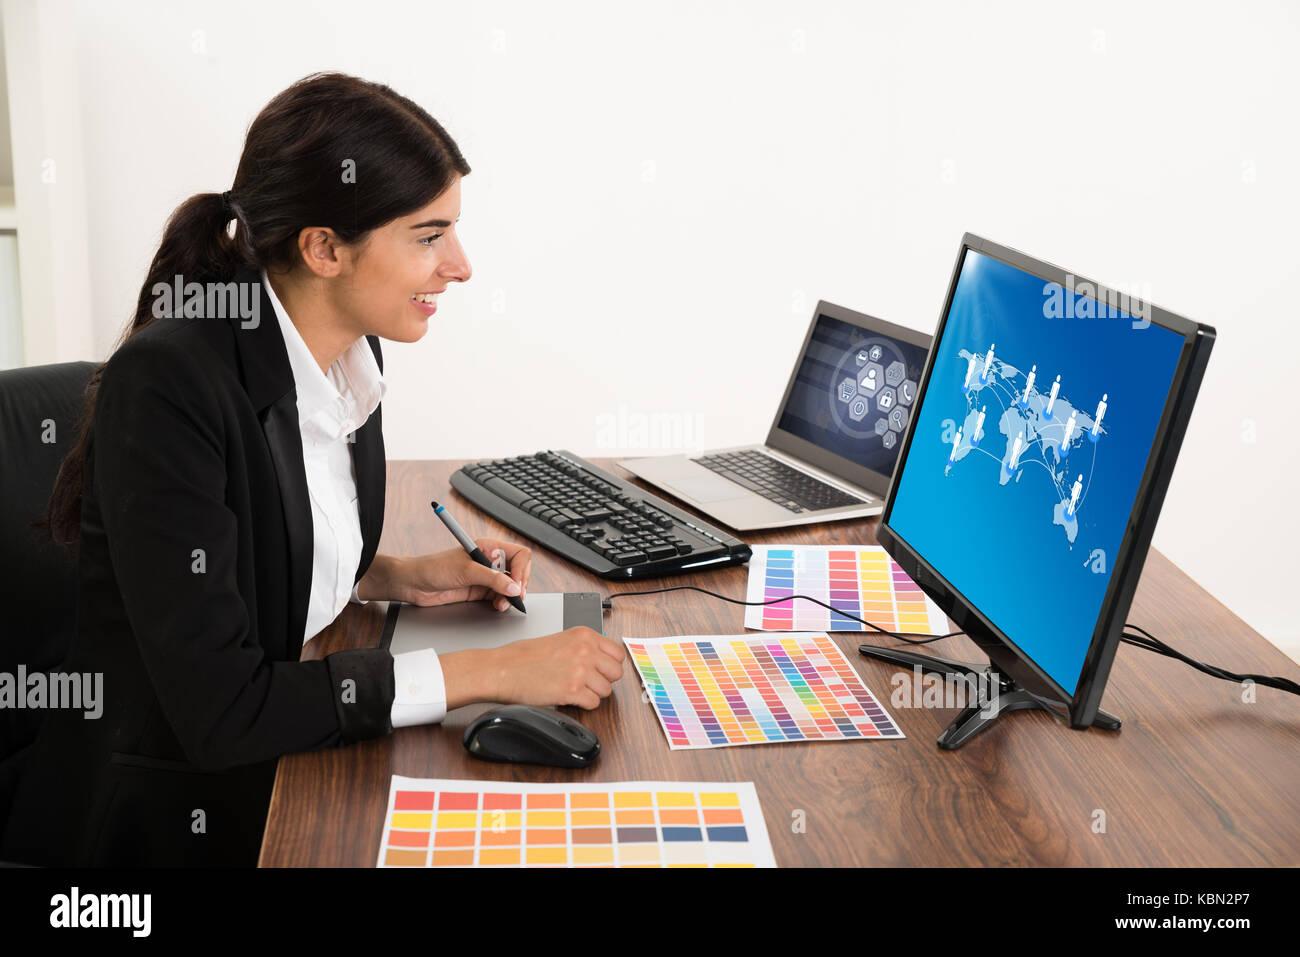 Felice designer femmina guardando il computer mentre si usa tavoletta grafica al desk. fotografo possiede il copyright Immagini Stock